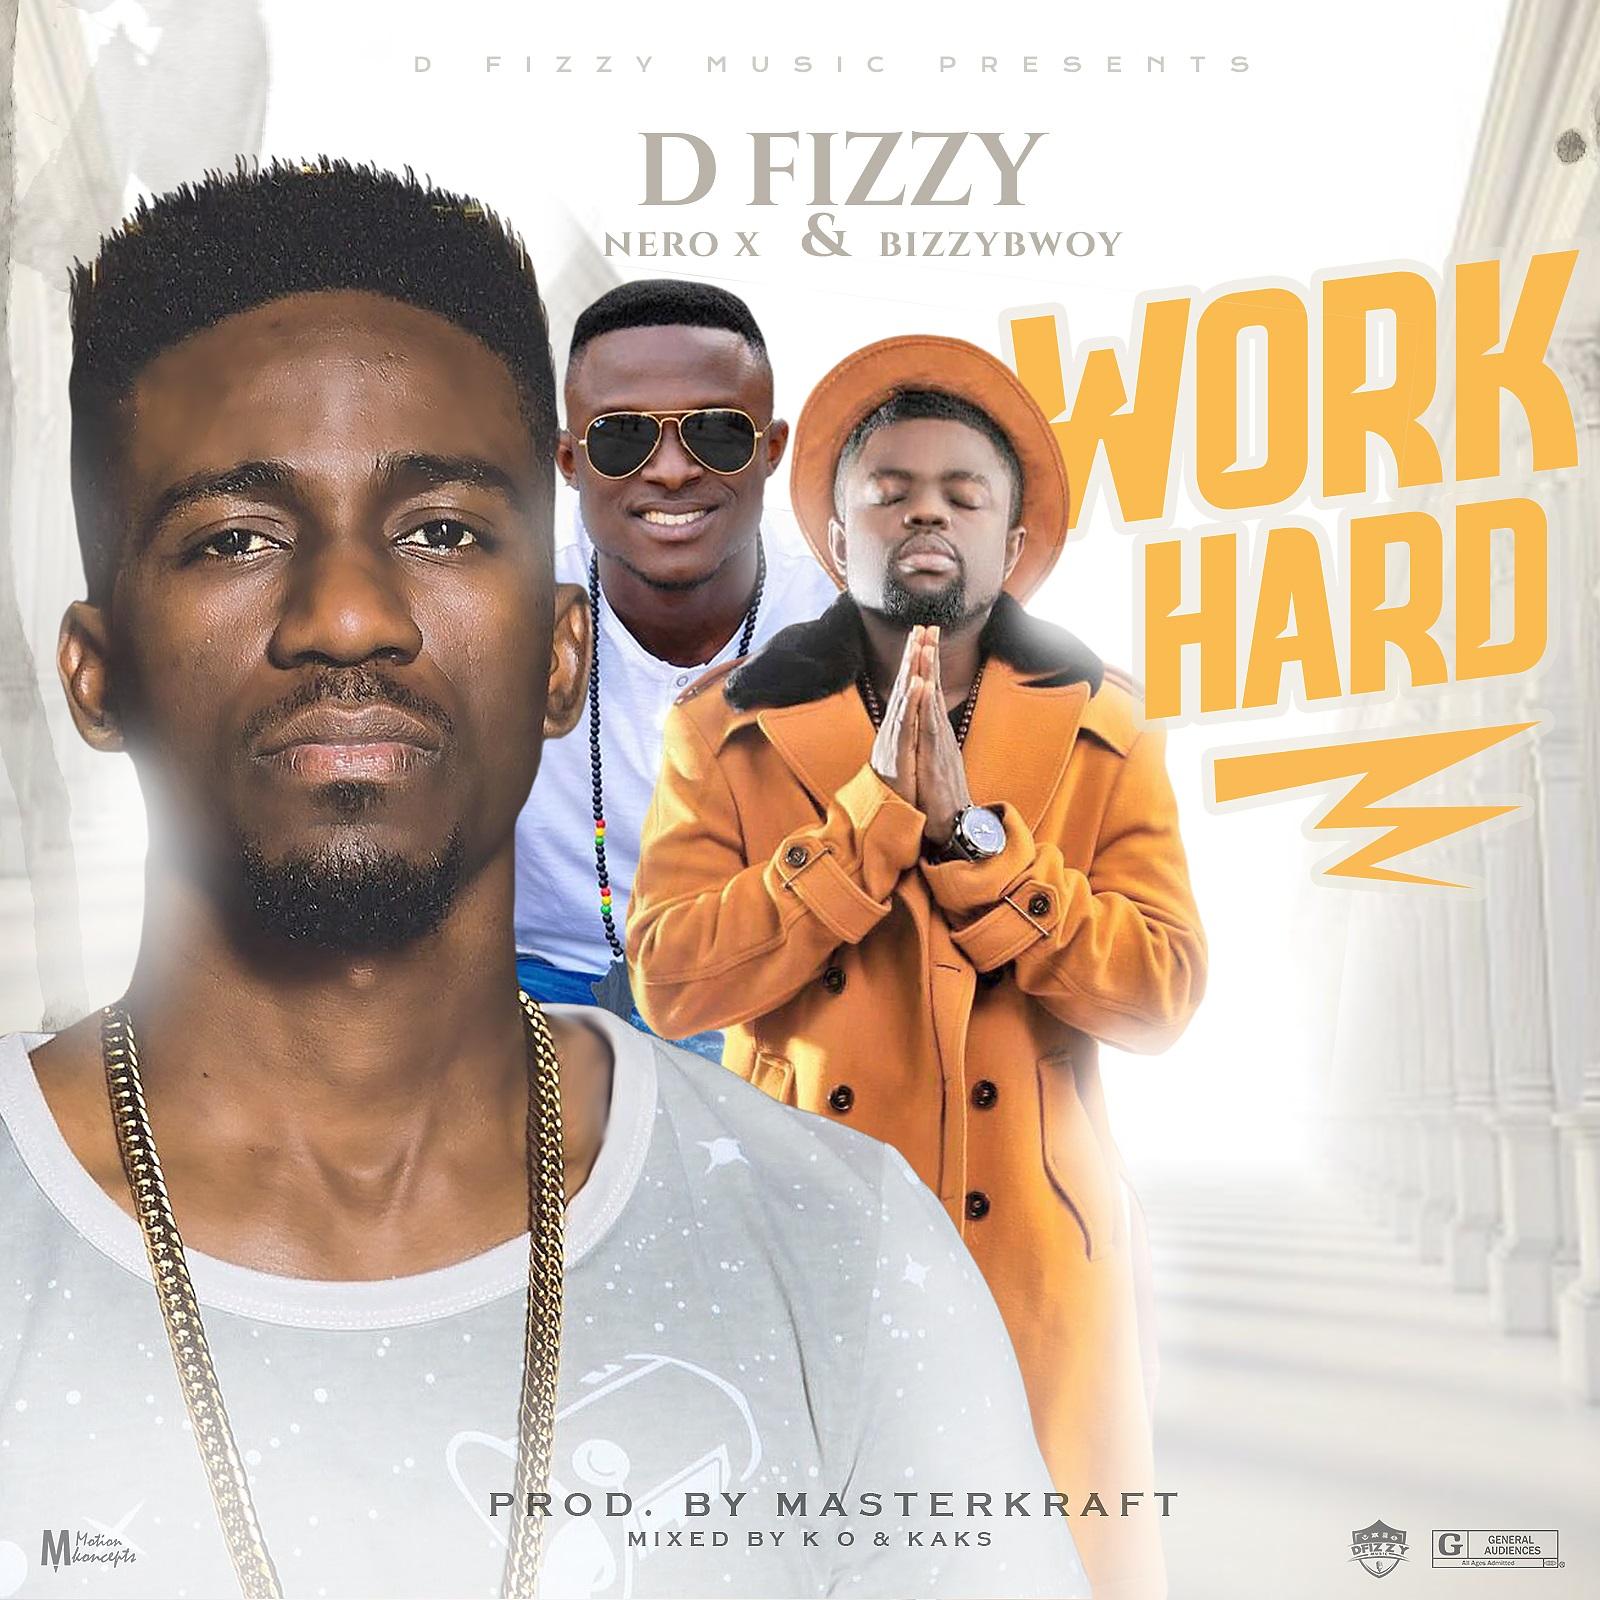 Photo of D Fizzy Ft Nero X & BizzyBwoy – Work Hard (Prod By Masterkraft x Mixed By KO & Kaks)